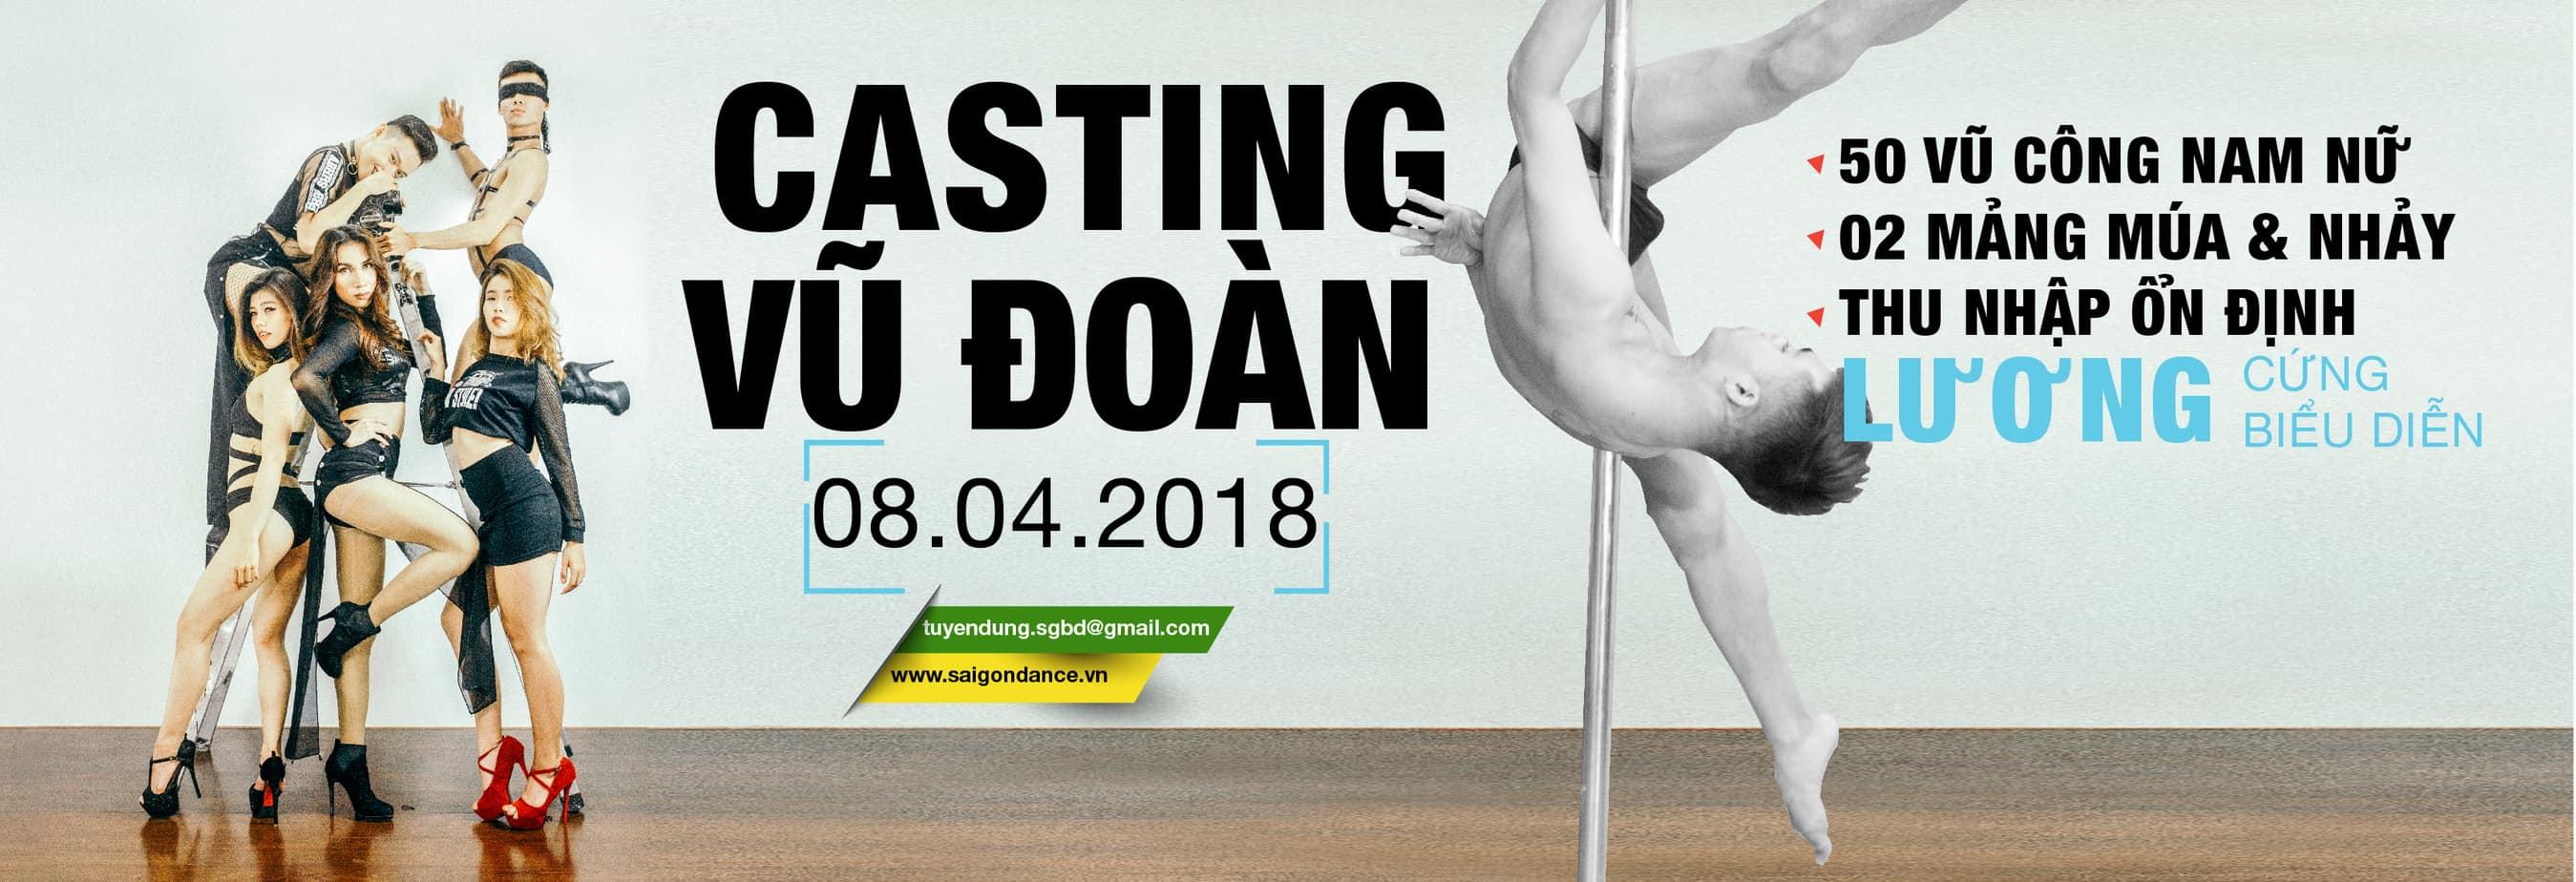 Thông báo tuyển dụng vũ công SaigonDance 10